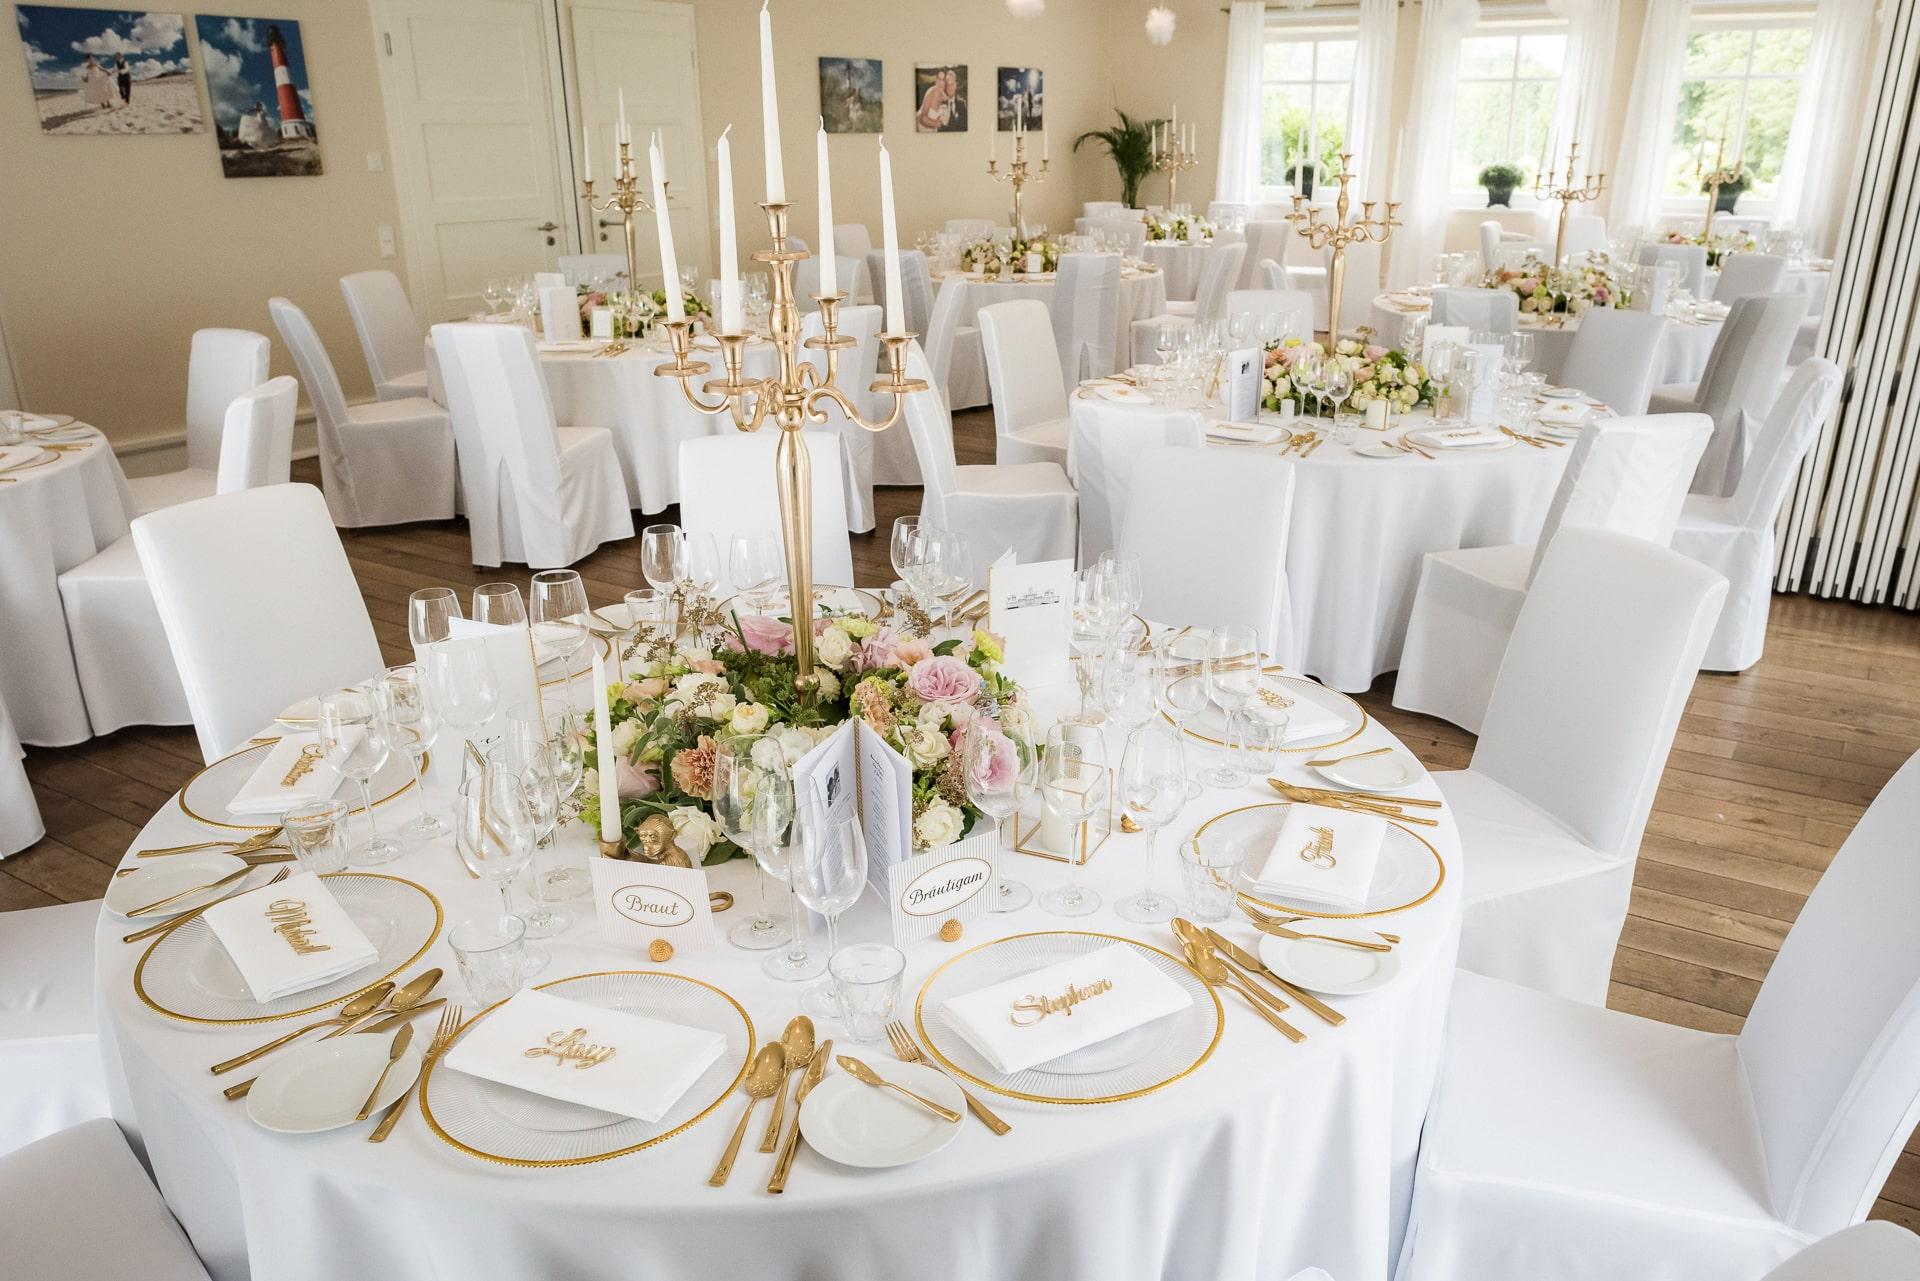 Golfclub Landhaus Velte Location Hochzeit Koeln 01 – gesehen bei frauimmer-herrewig.de